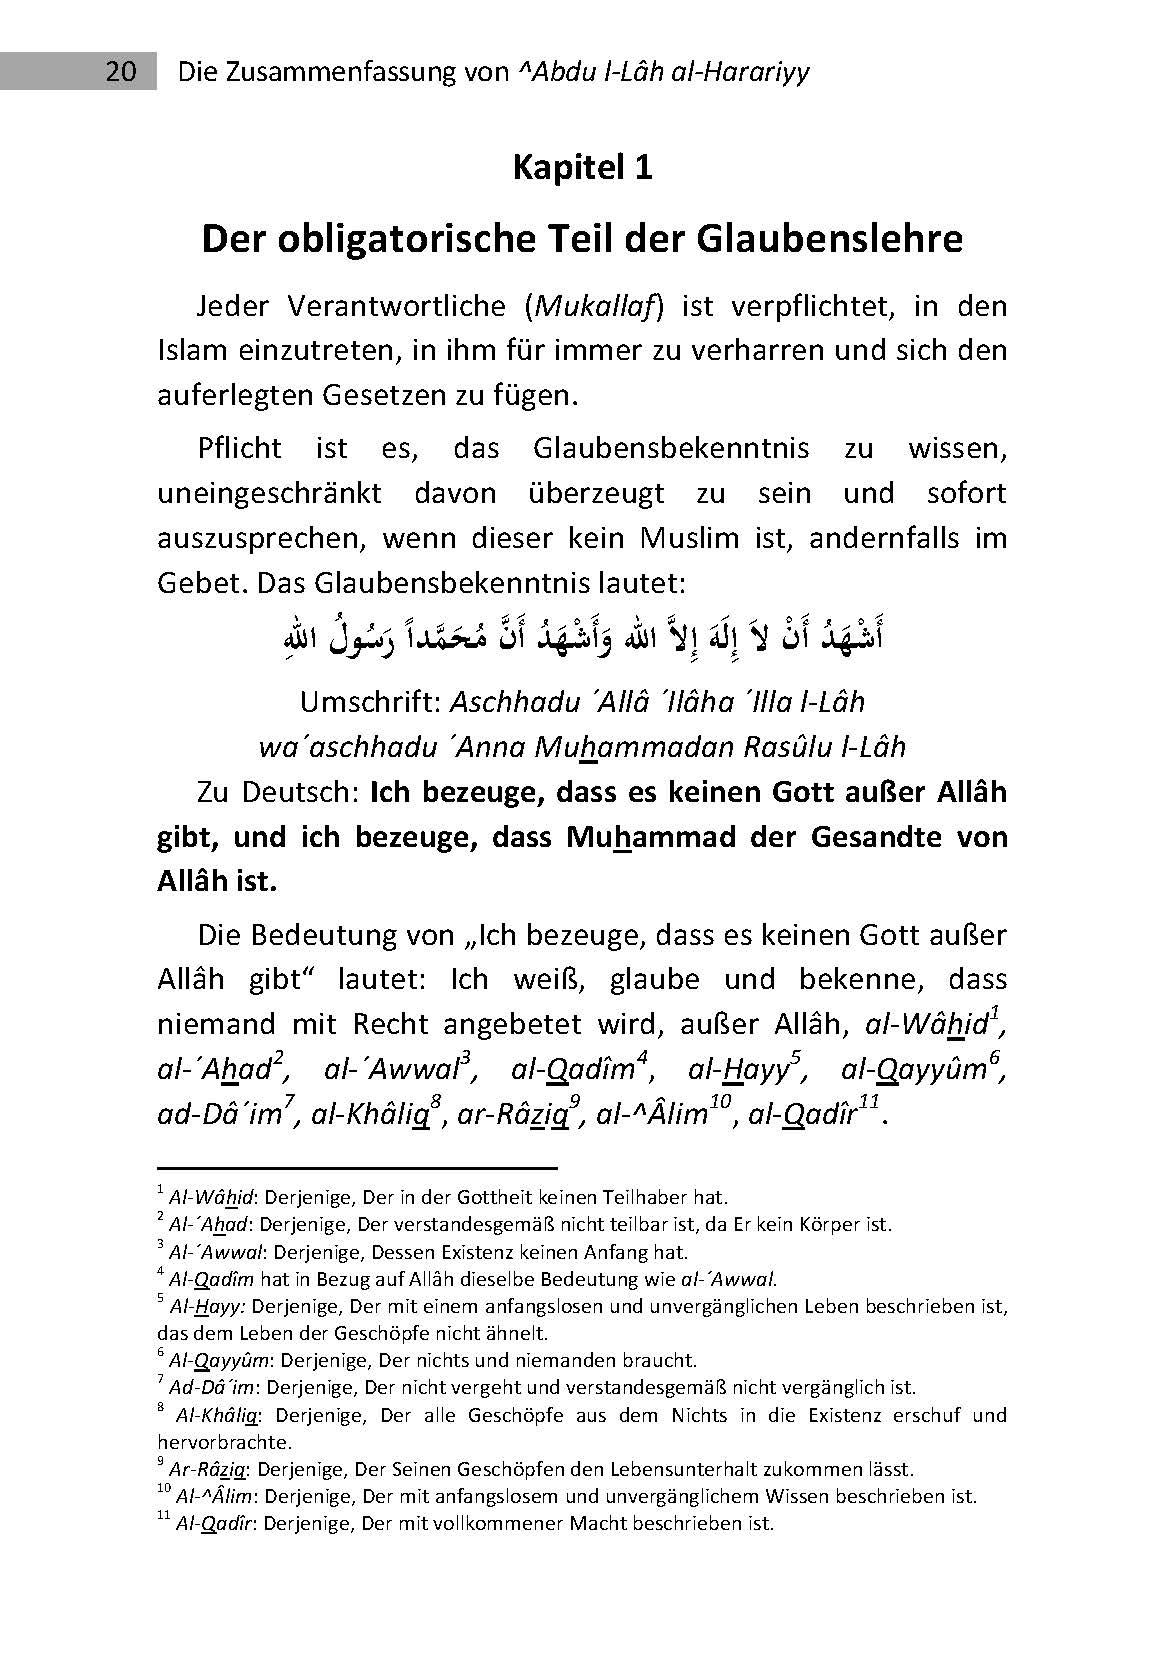 Die Zusammenfassung - 3. Auflage 2014_Seite_20